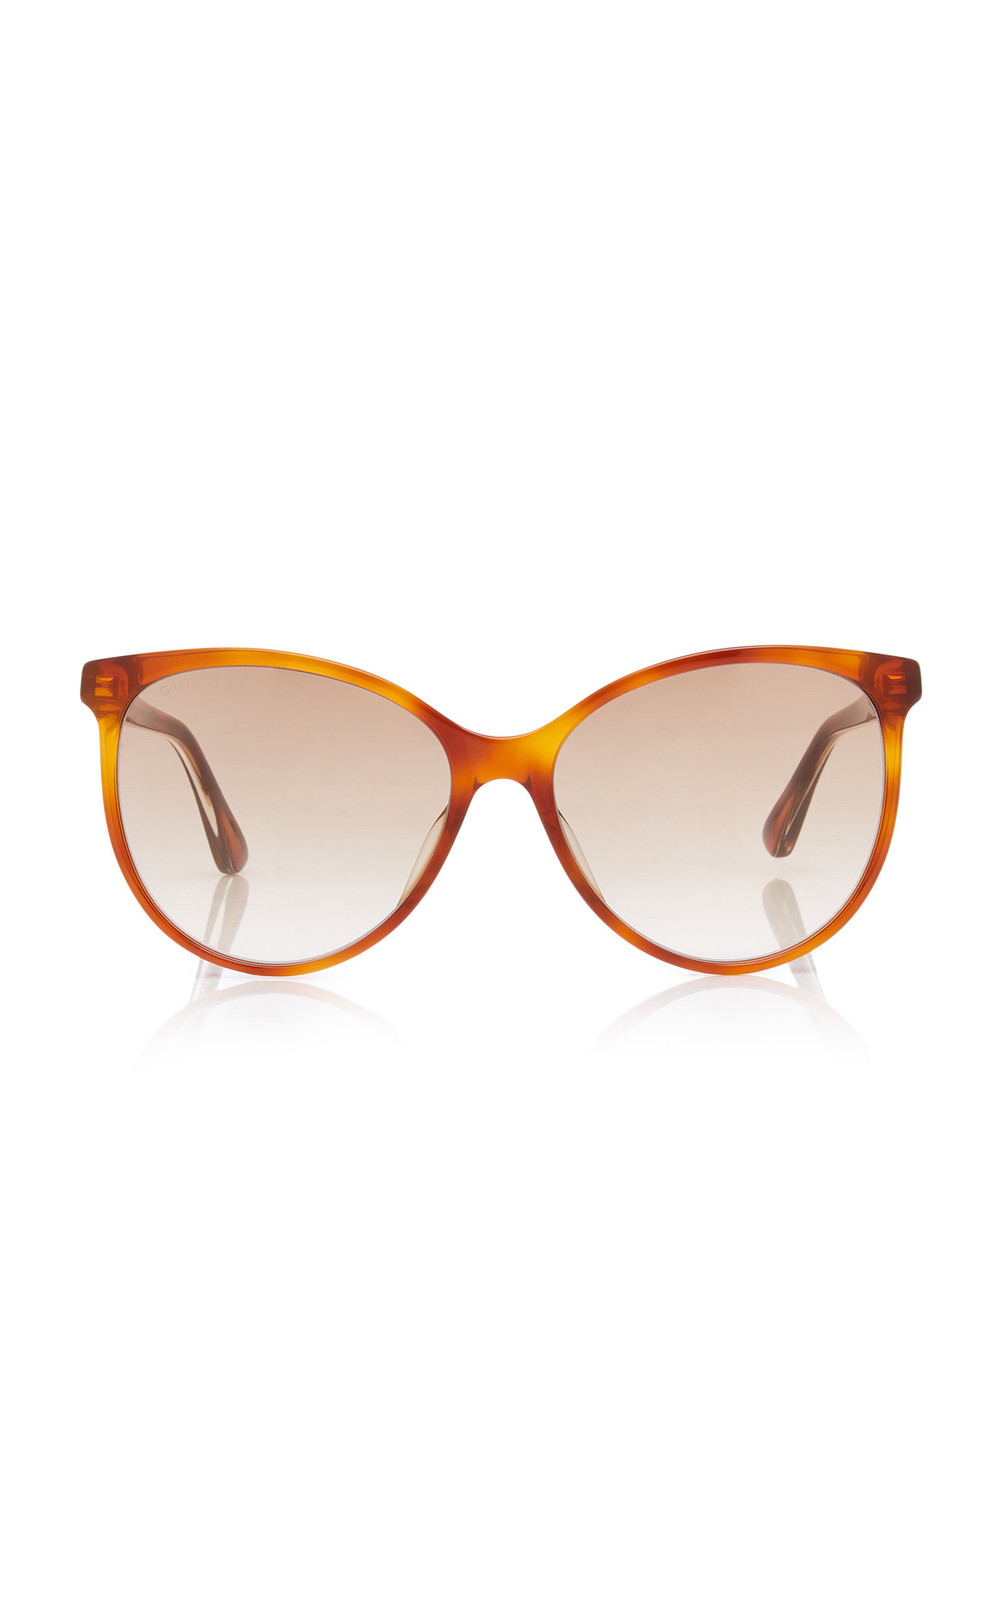 Gucci Sunglasses Web Acetate Cat-Eye Sunglasses in brown